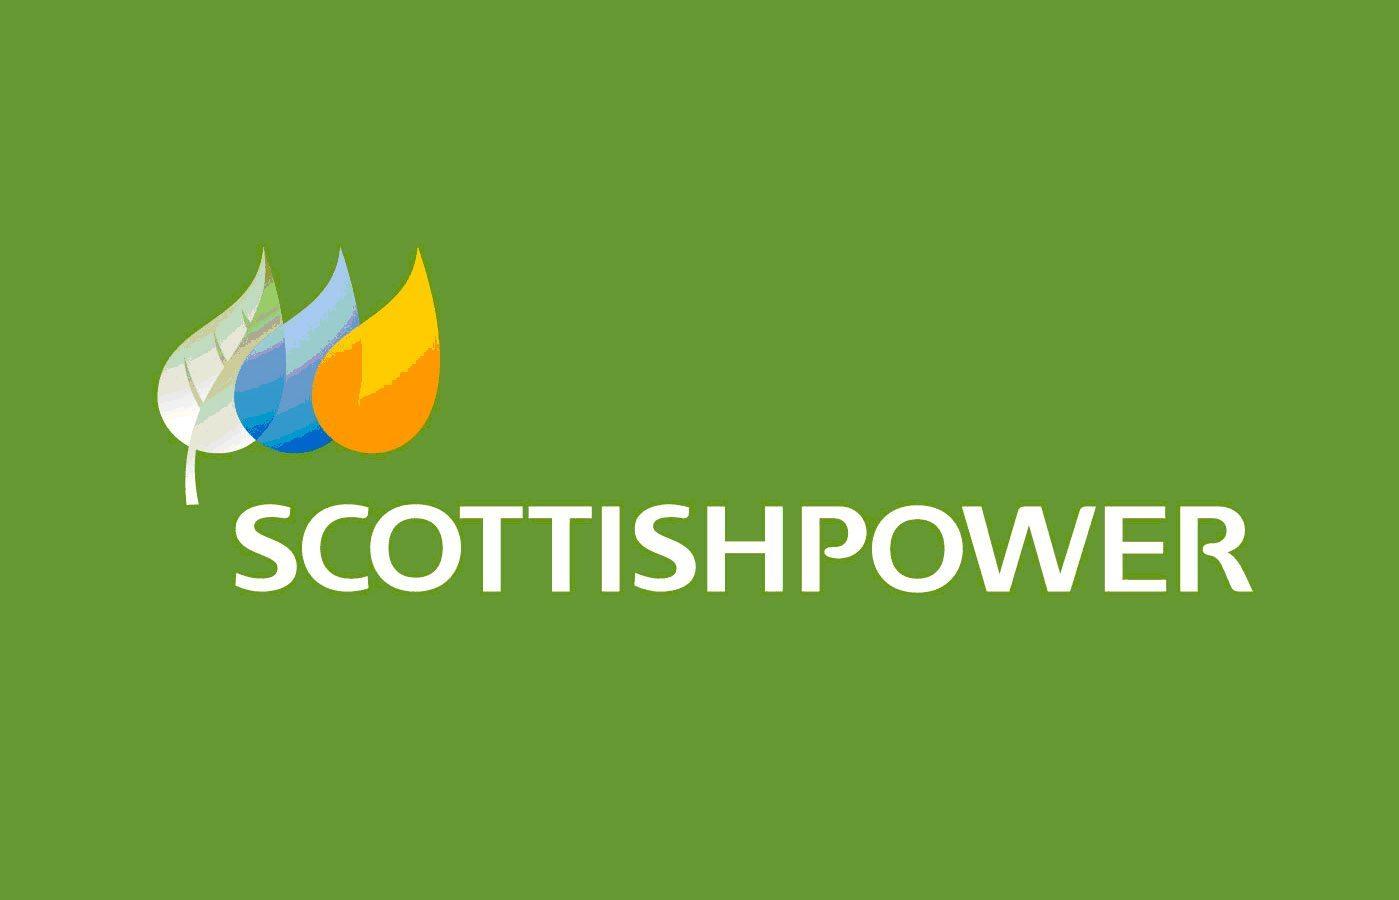 ScottishPower_logo